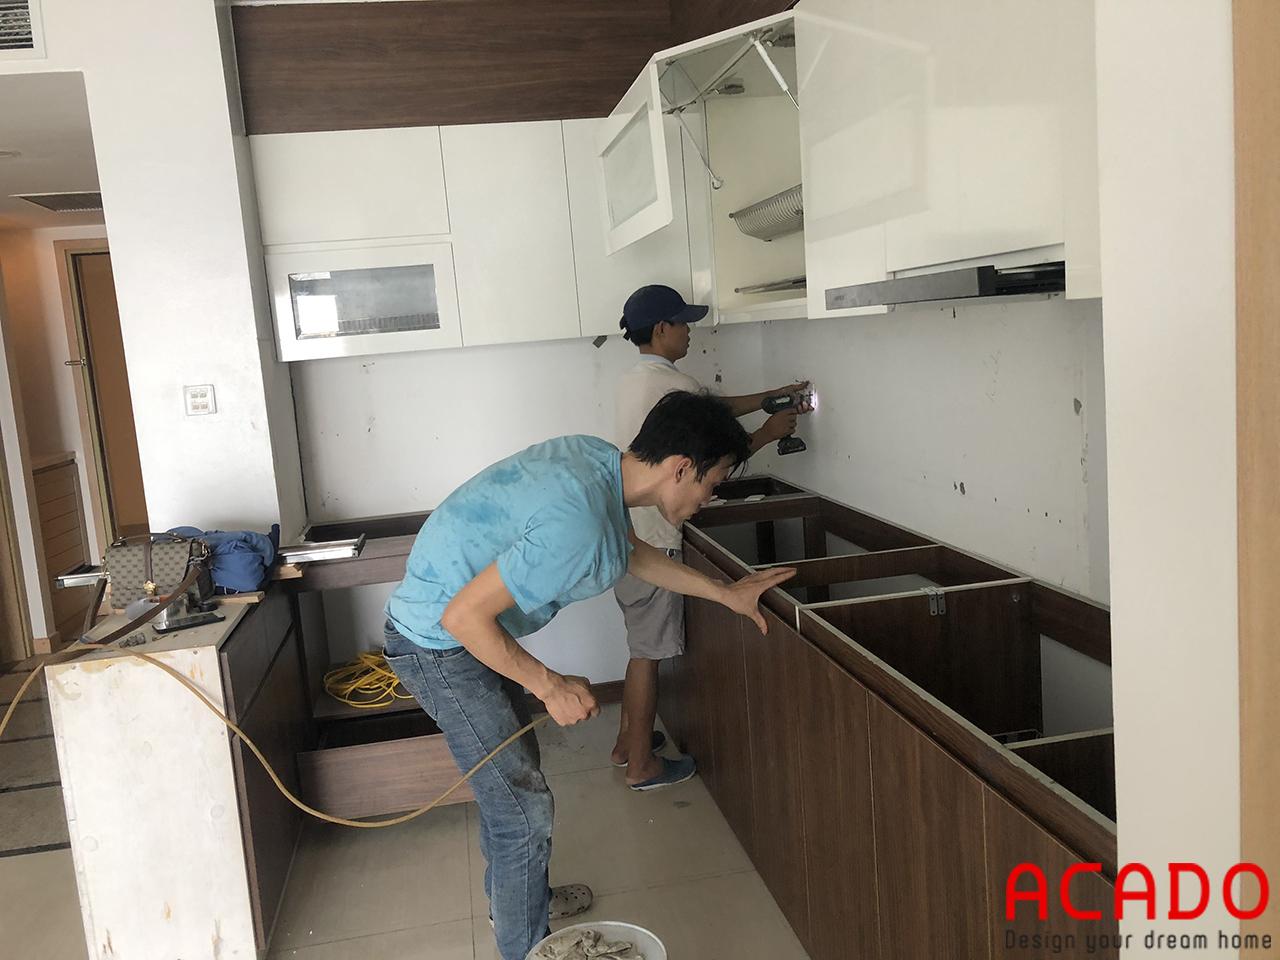 Thợ thi công ACADO đang bắt đầu tiến hành lắp đặt tủ bếp cho gia chủ